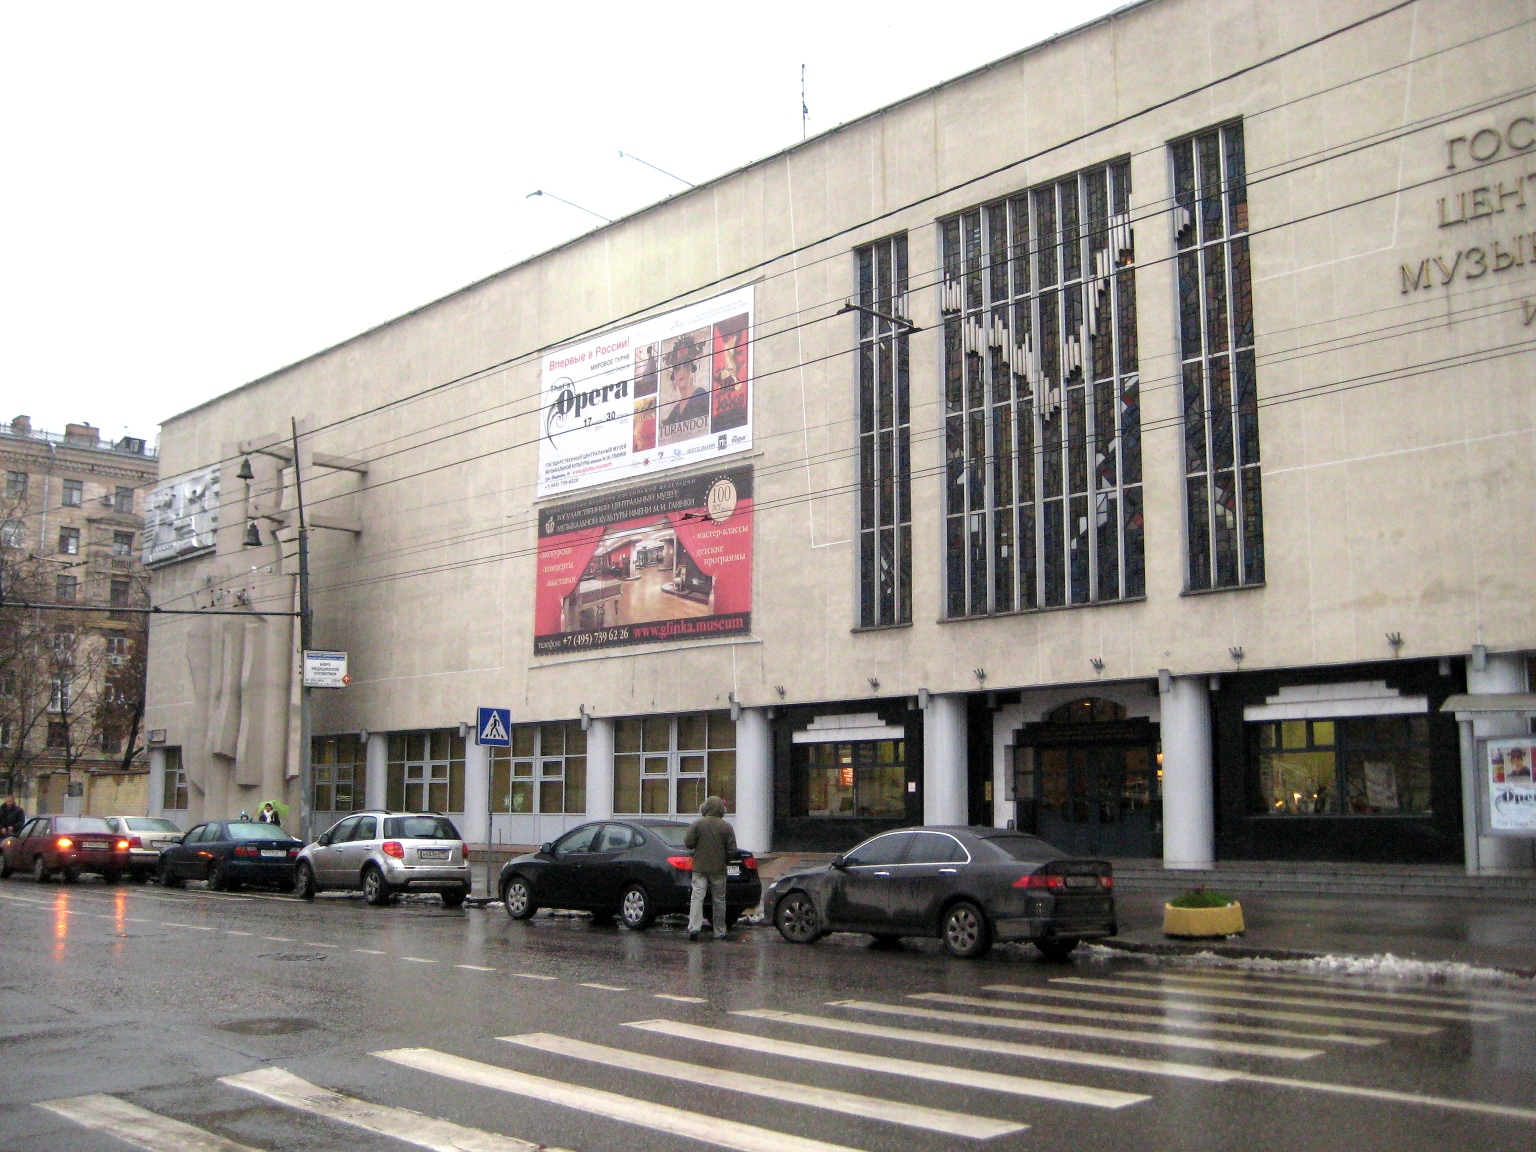 Всероссийское музейное объединение музыкальной культуры имени М. И. Глинки